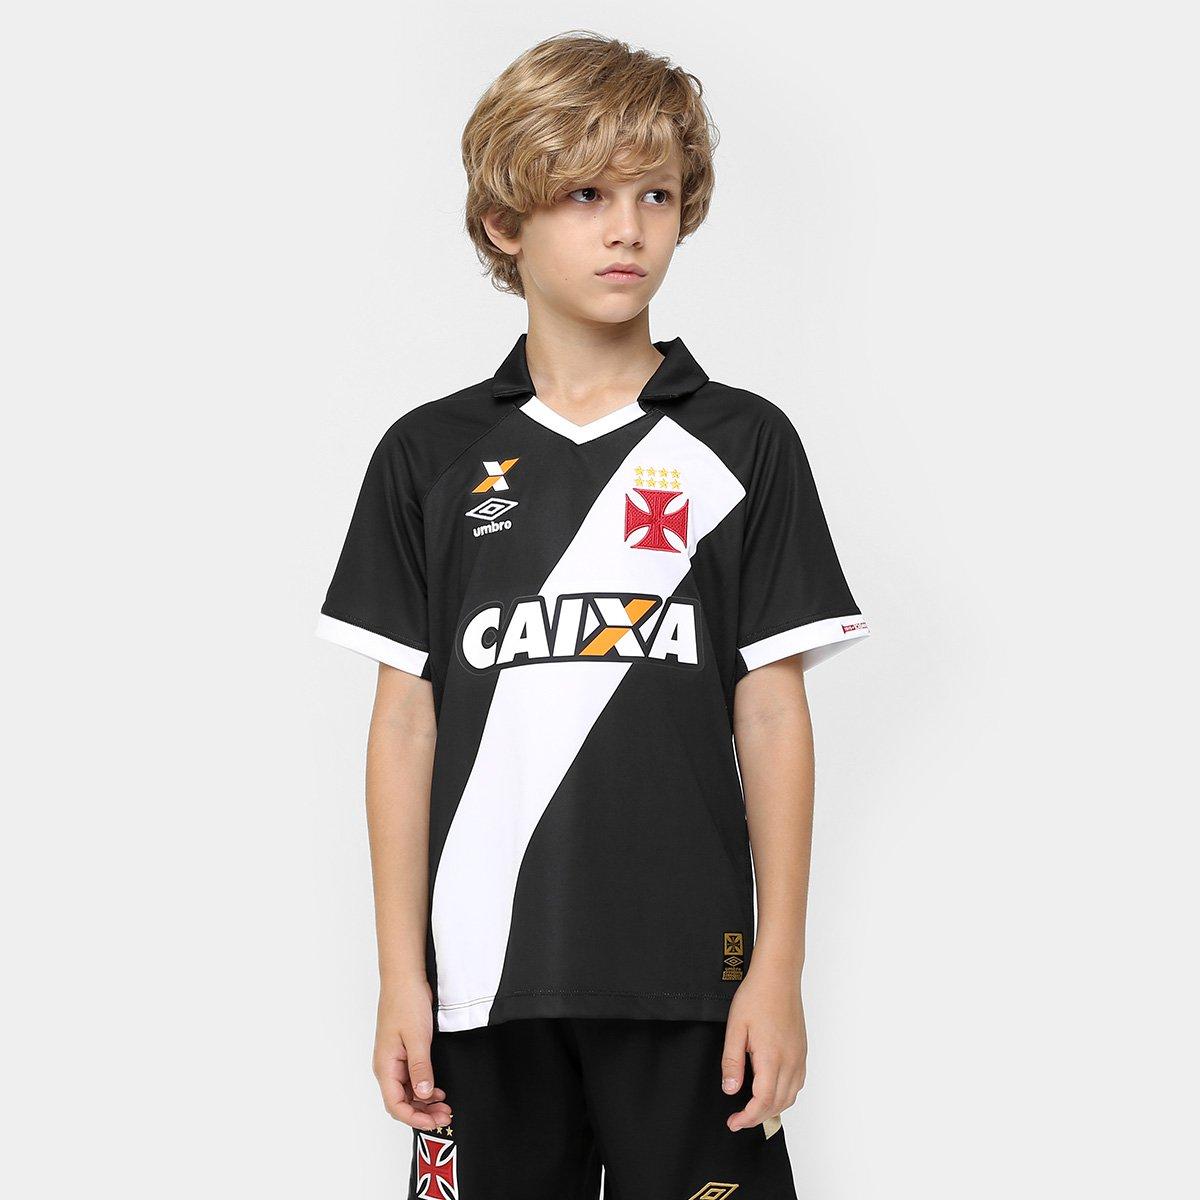 f5c19578ad Camisa Umbro Vasco I 15 16 nº 10 Juvenil - Compre Agora